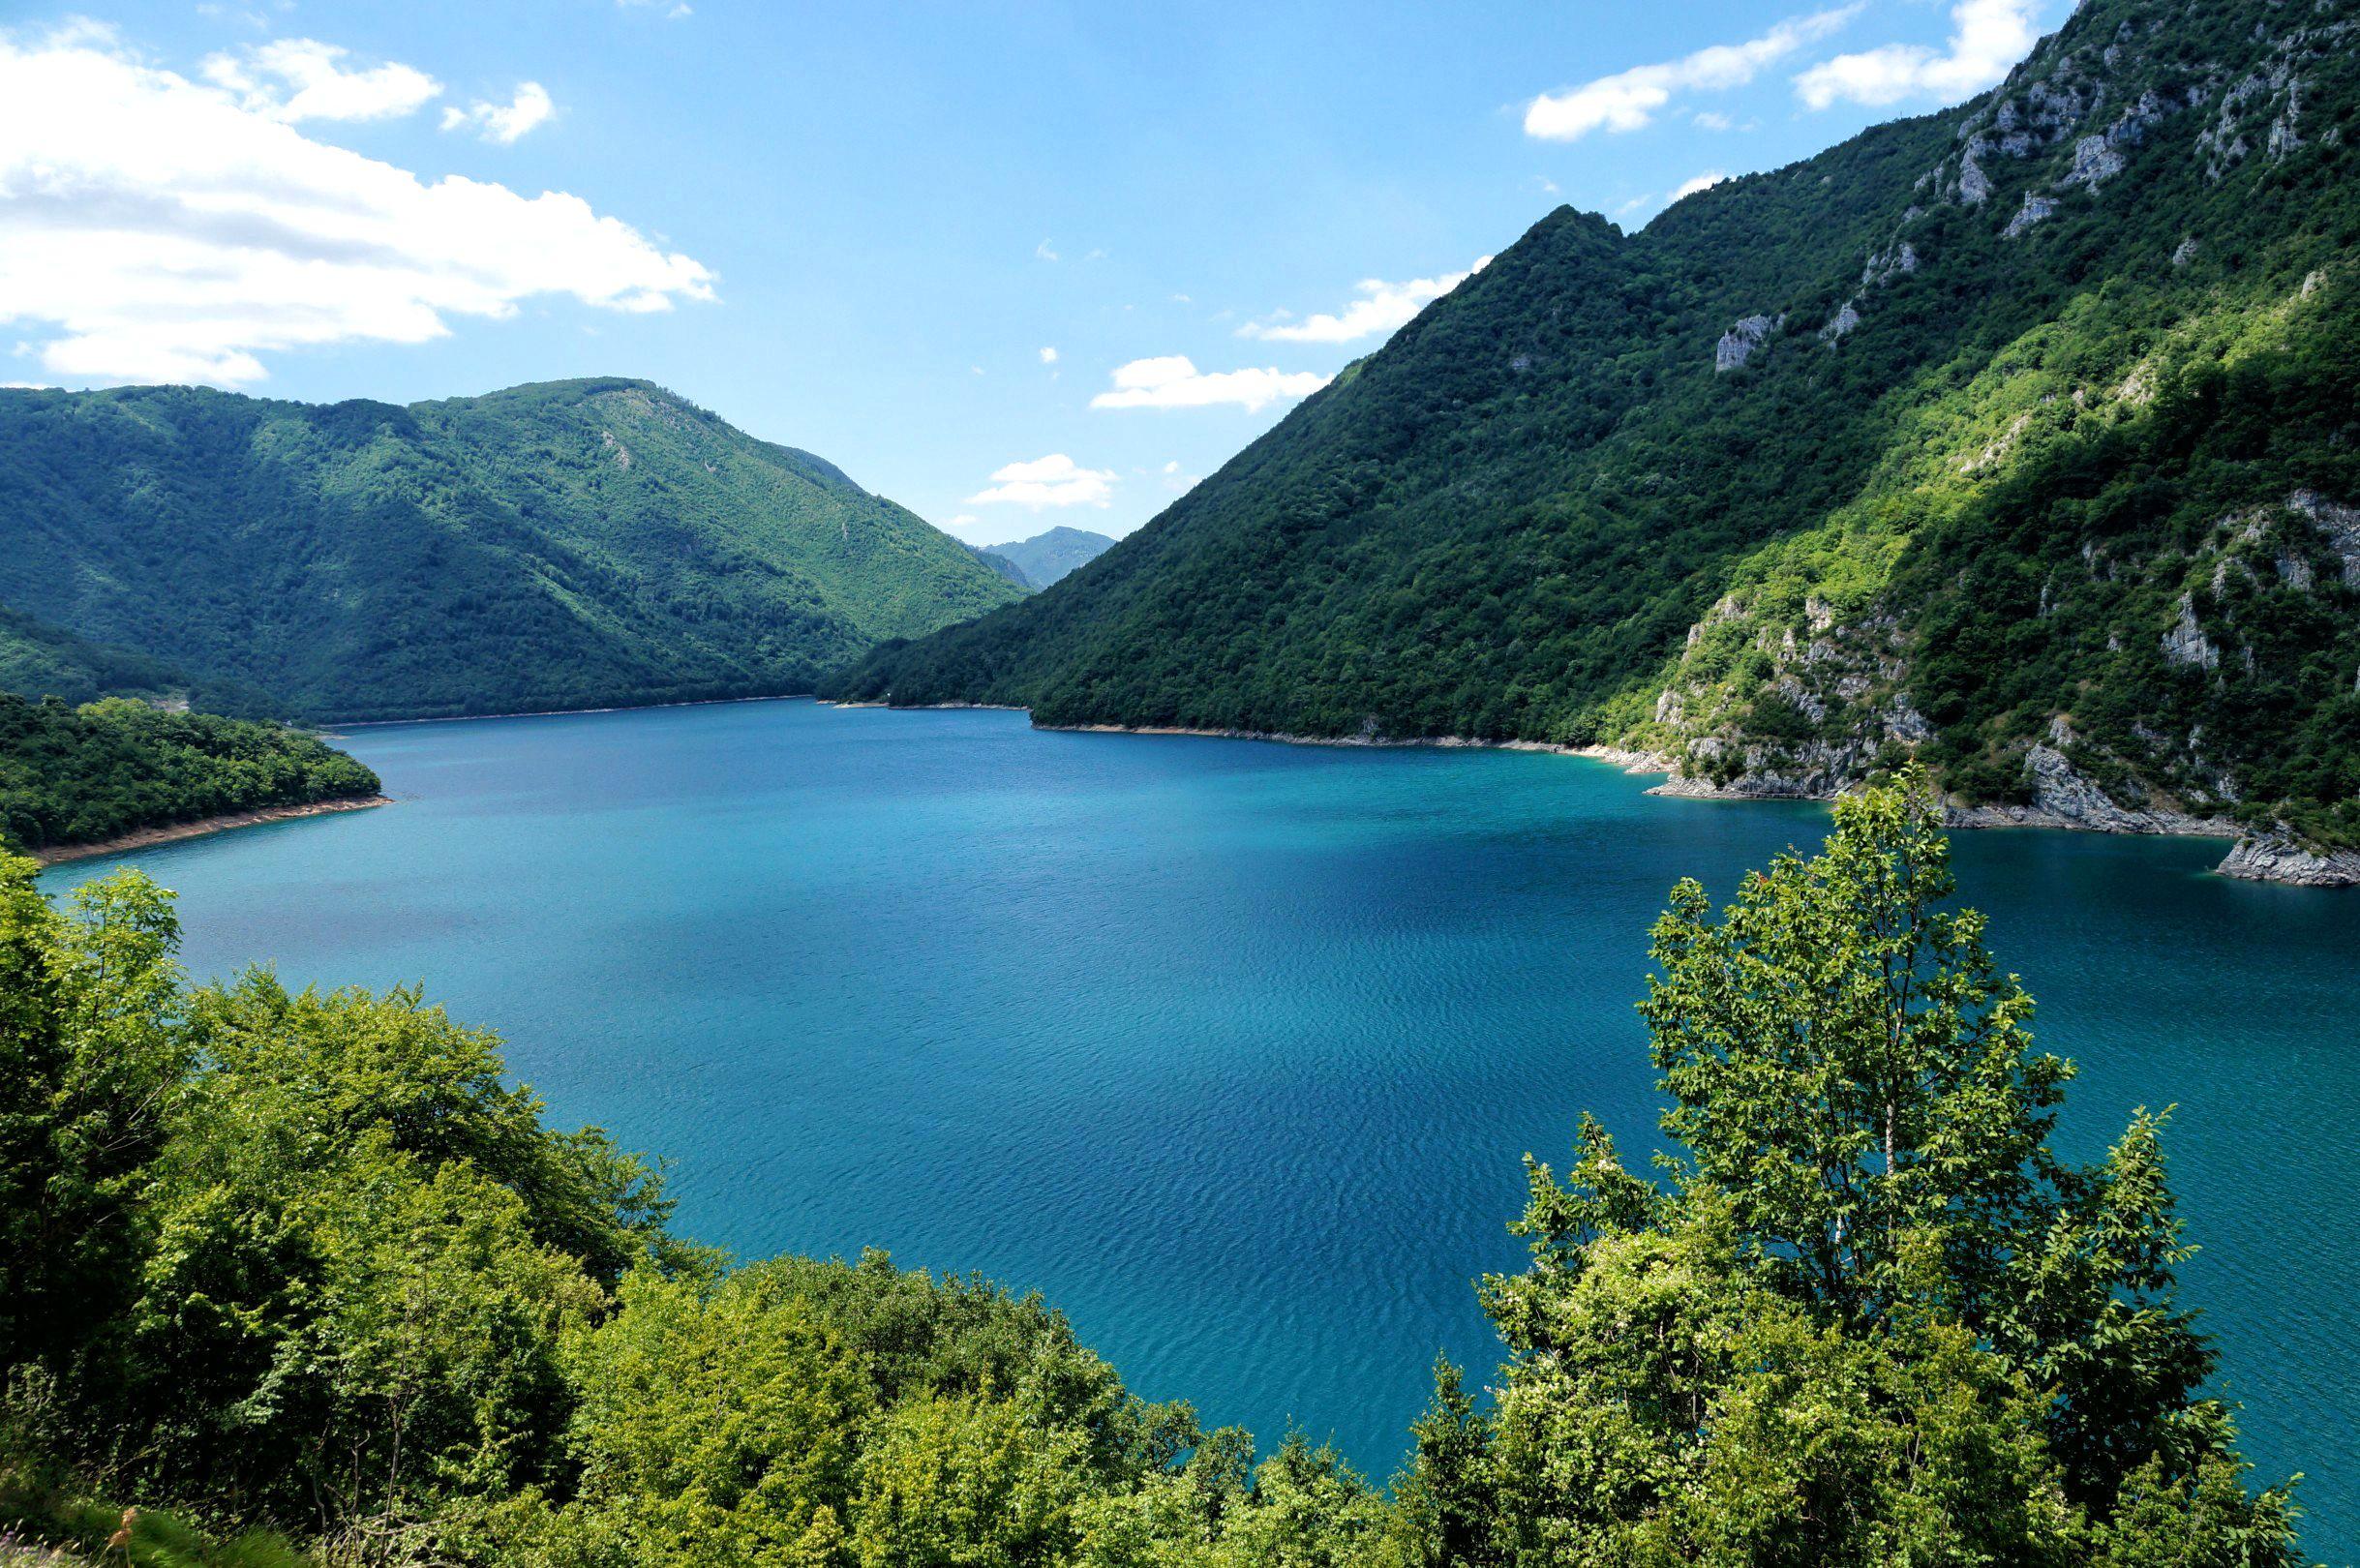 Jezioro Piwsko